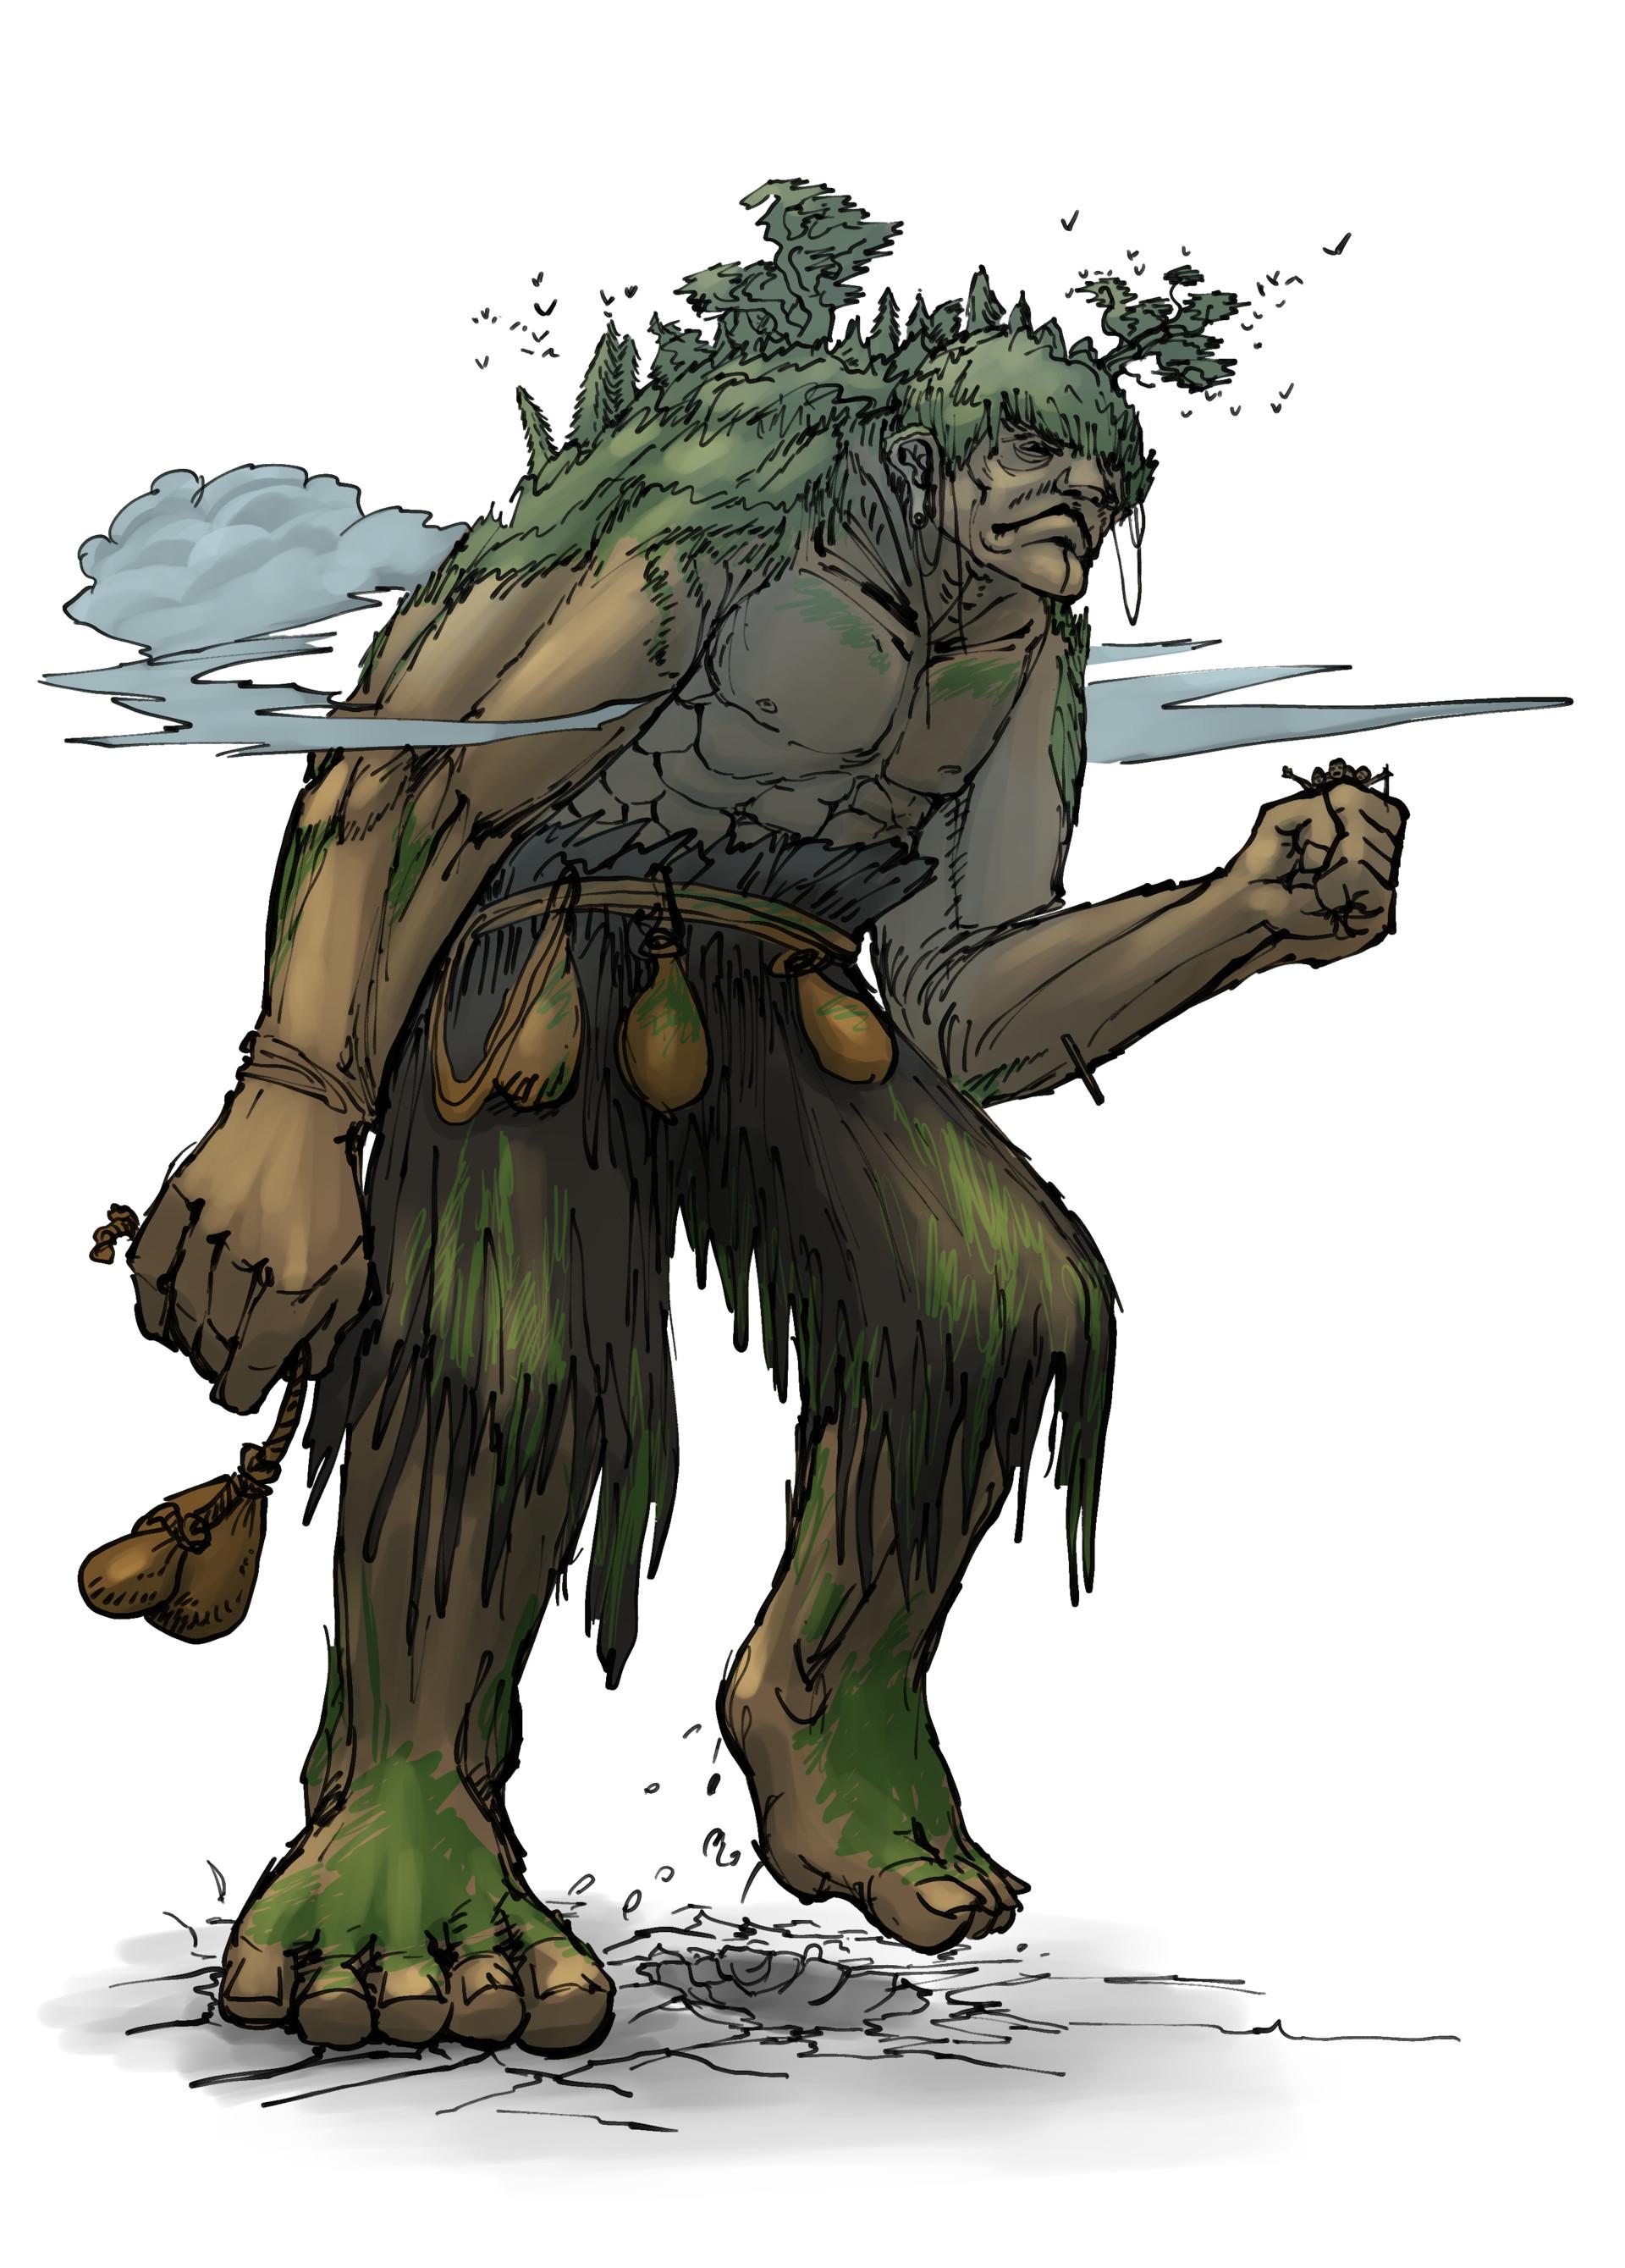 Joe bush hulks